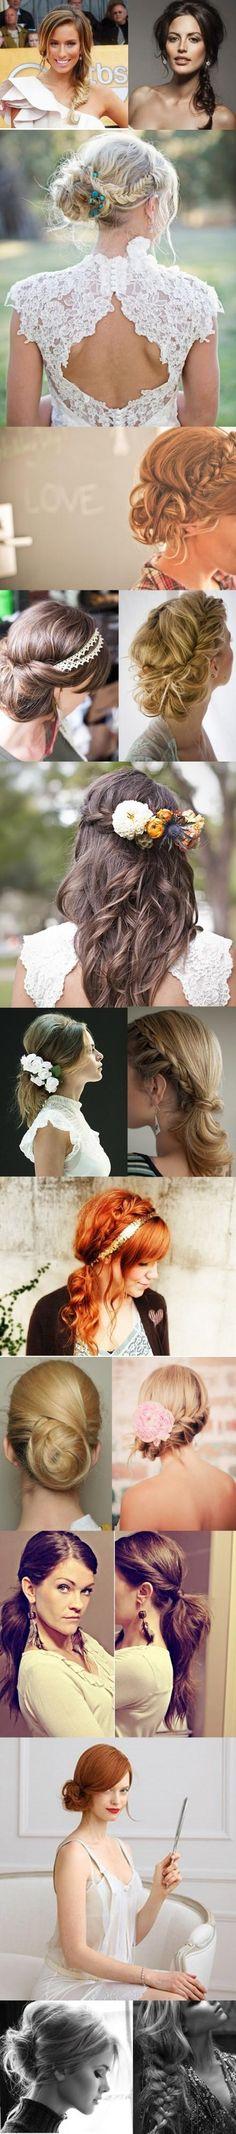 Wedding day hair - Ιδέες για νυφικά χτενίσματα... Δείτε και εδώ:www.olagiatogamo.gr/index.php?option=com_content=article=105=9=106